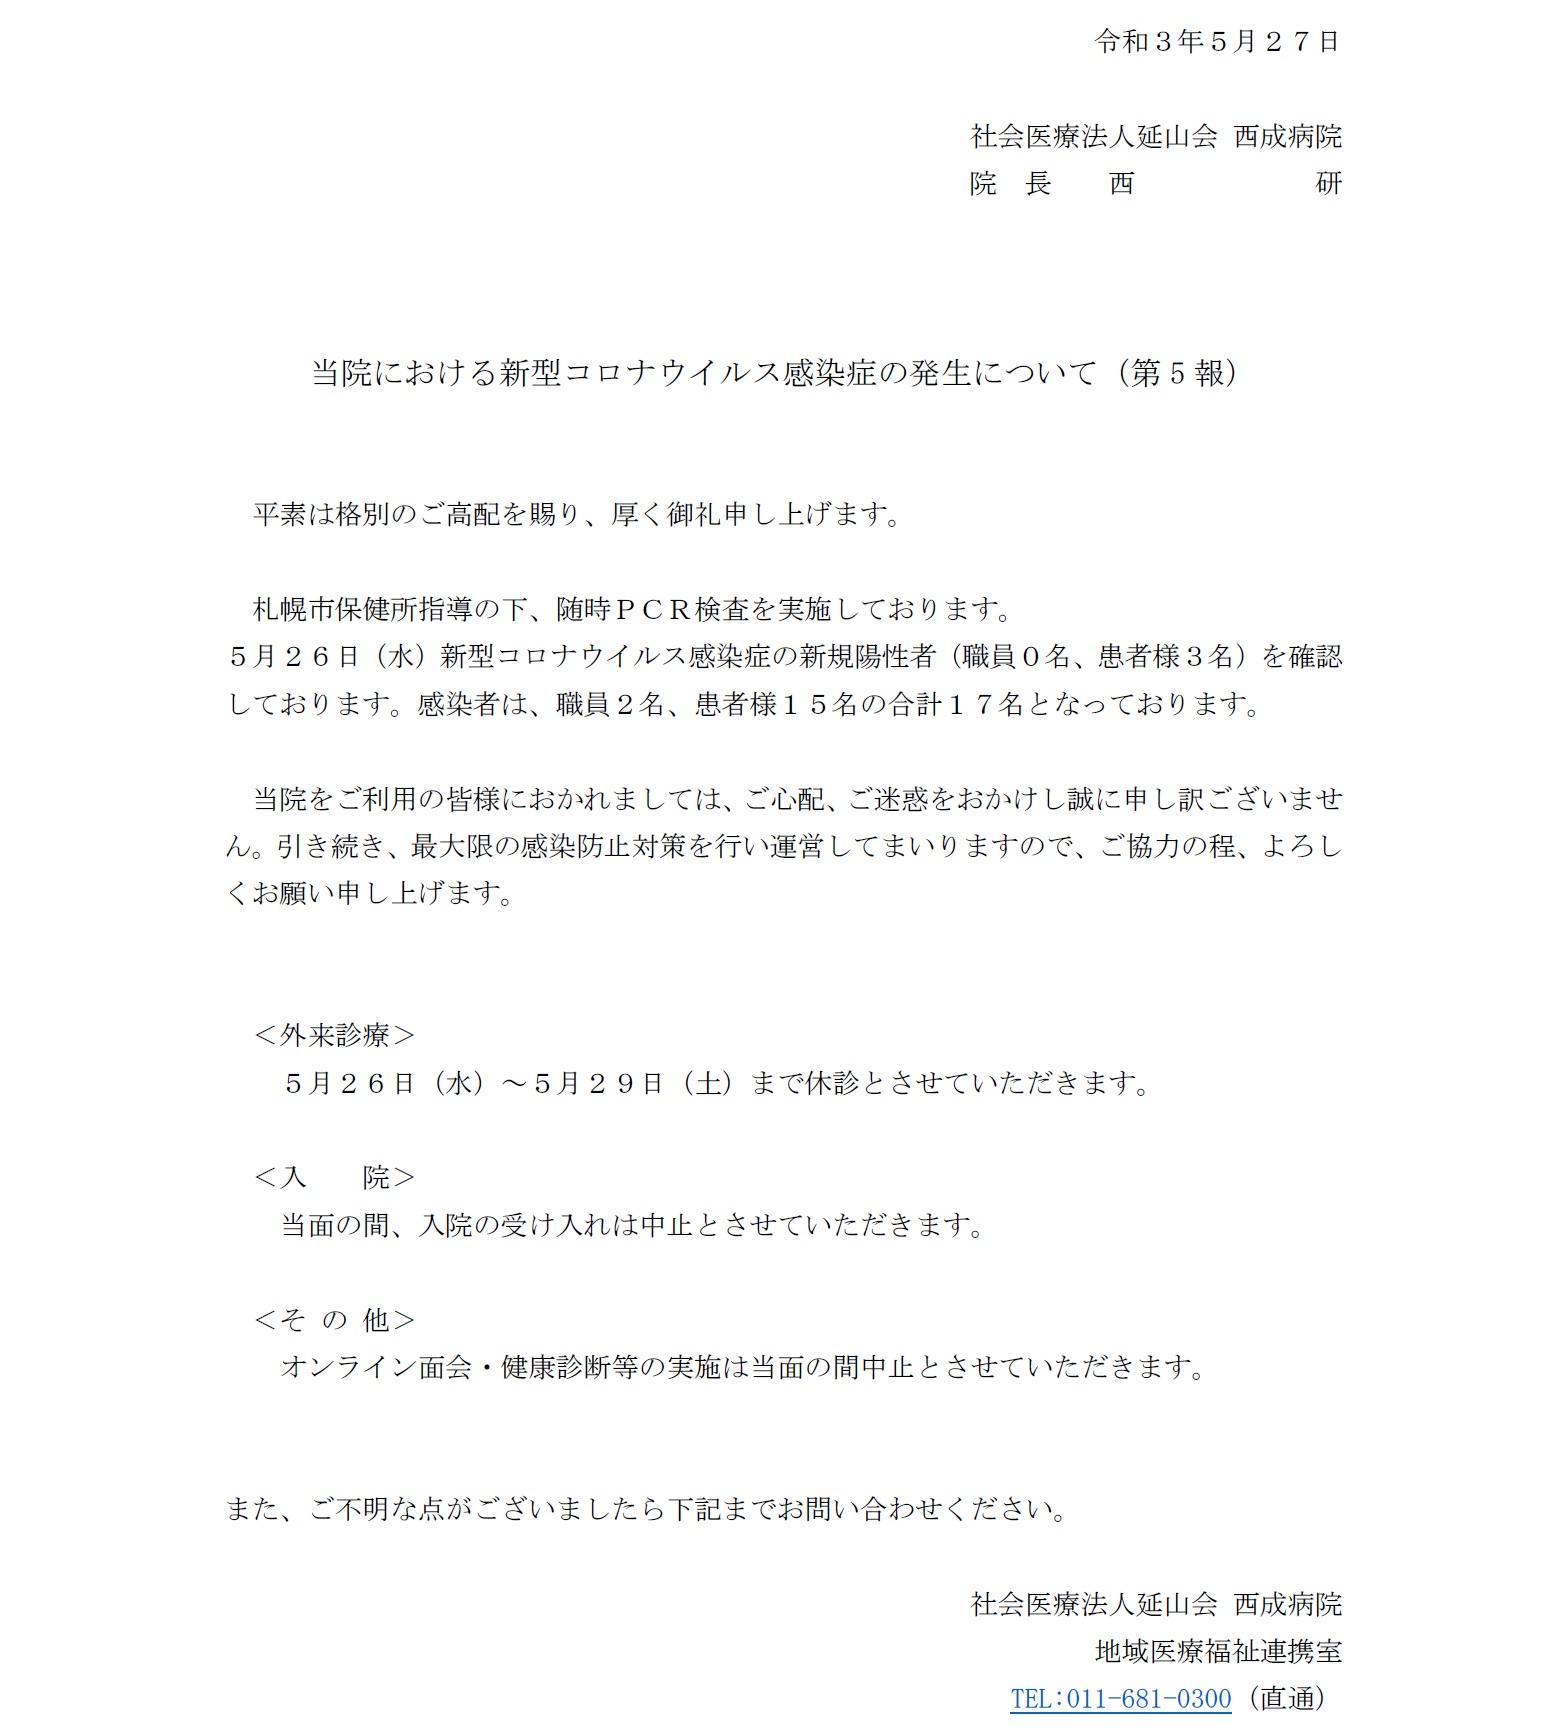 新型コロナウイルス感染症速報1.jpg